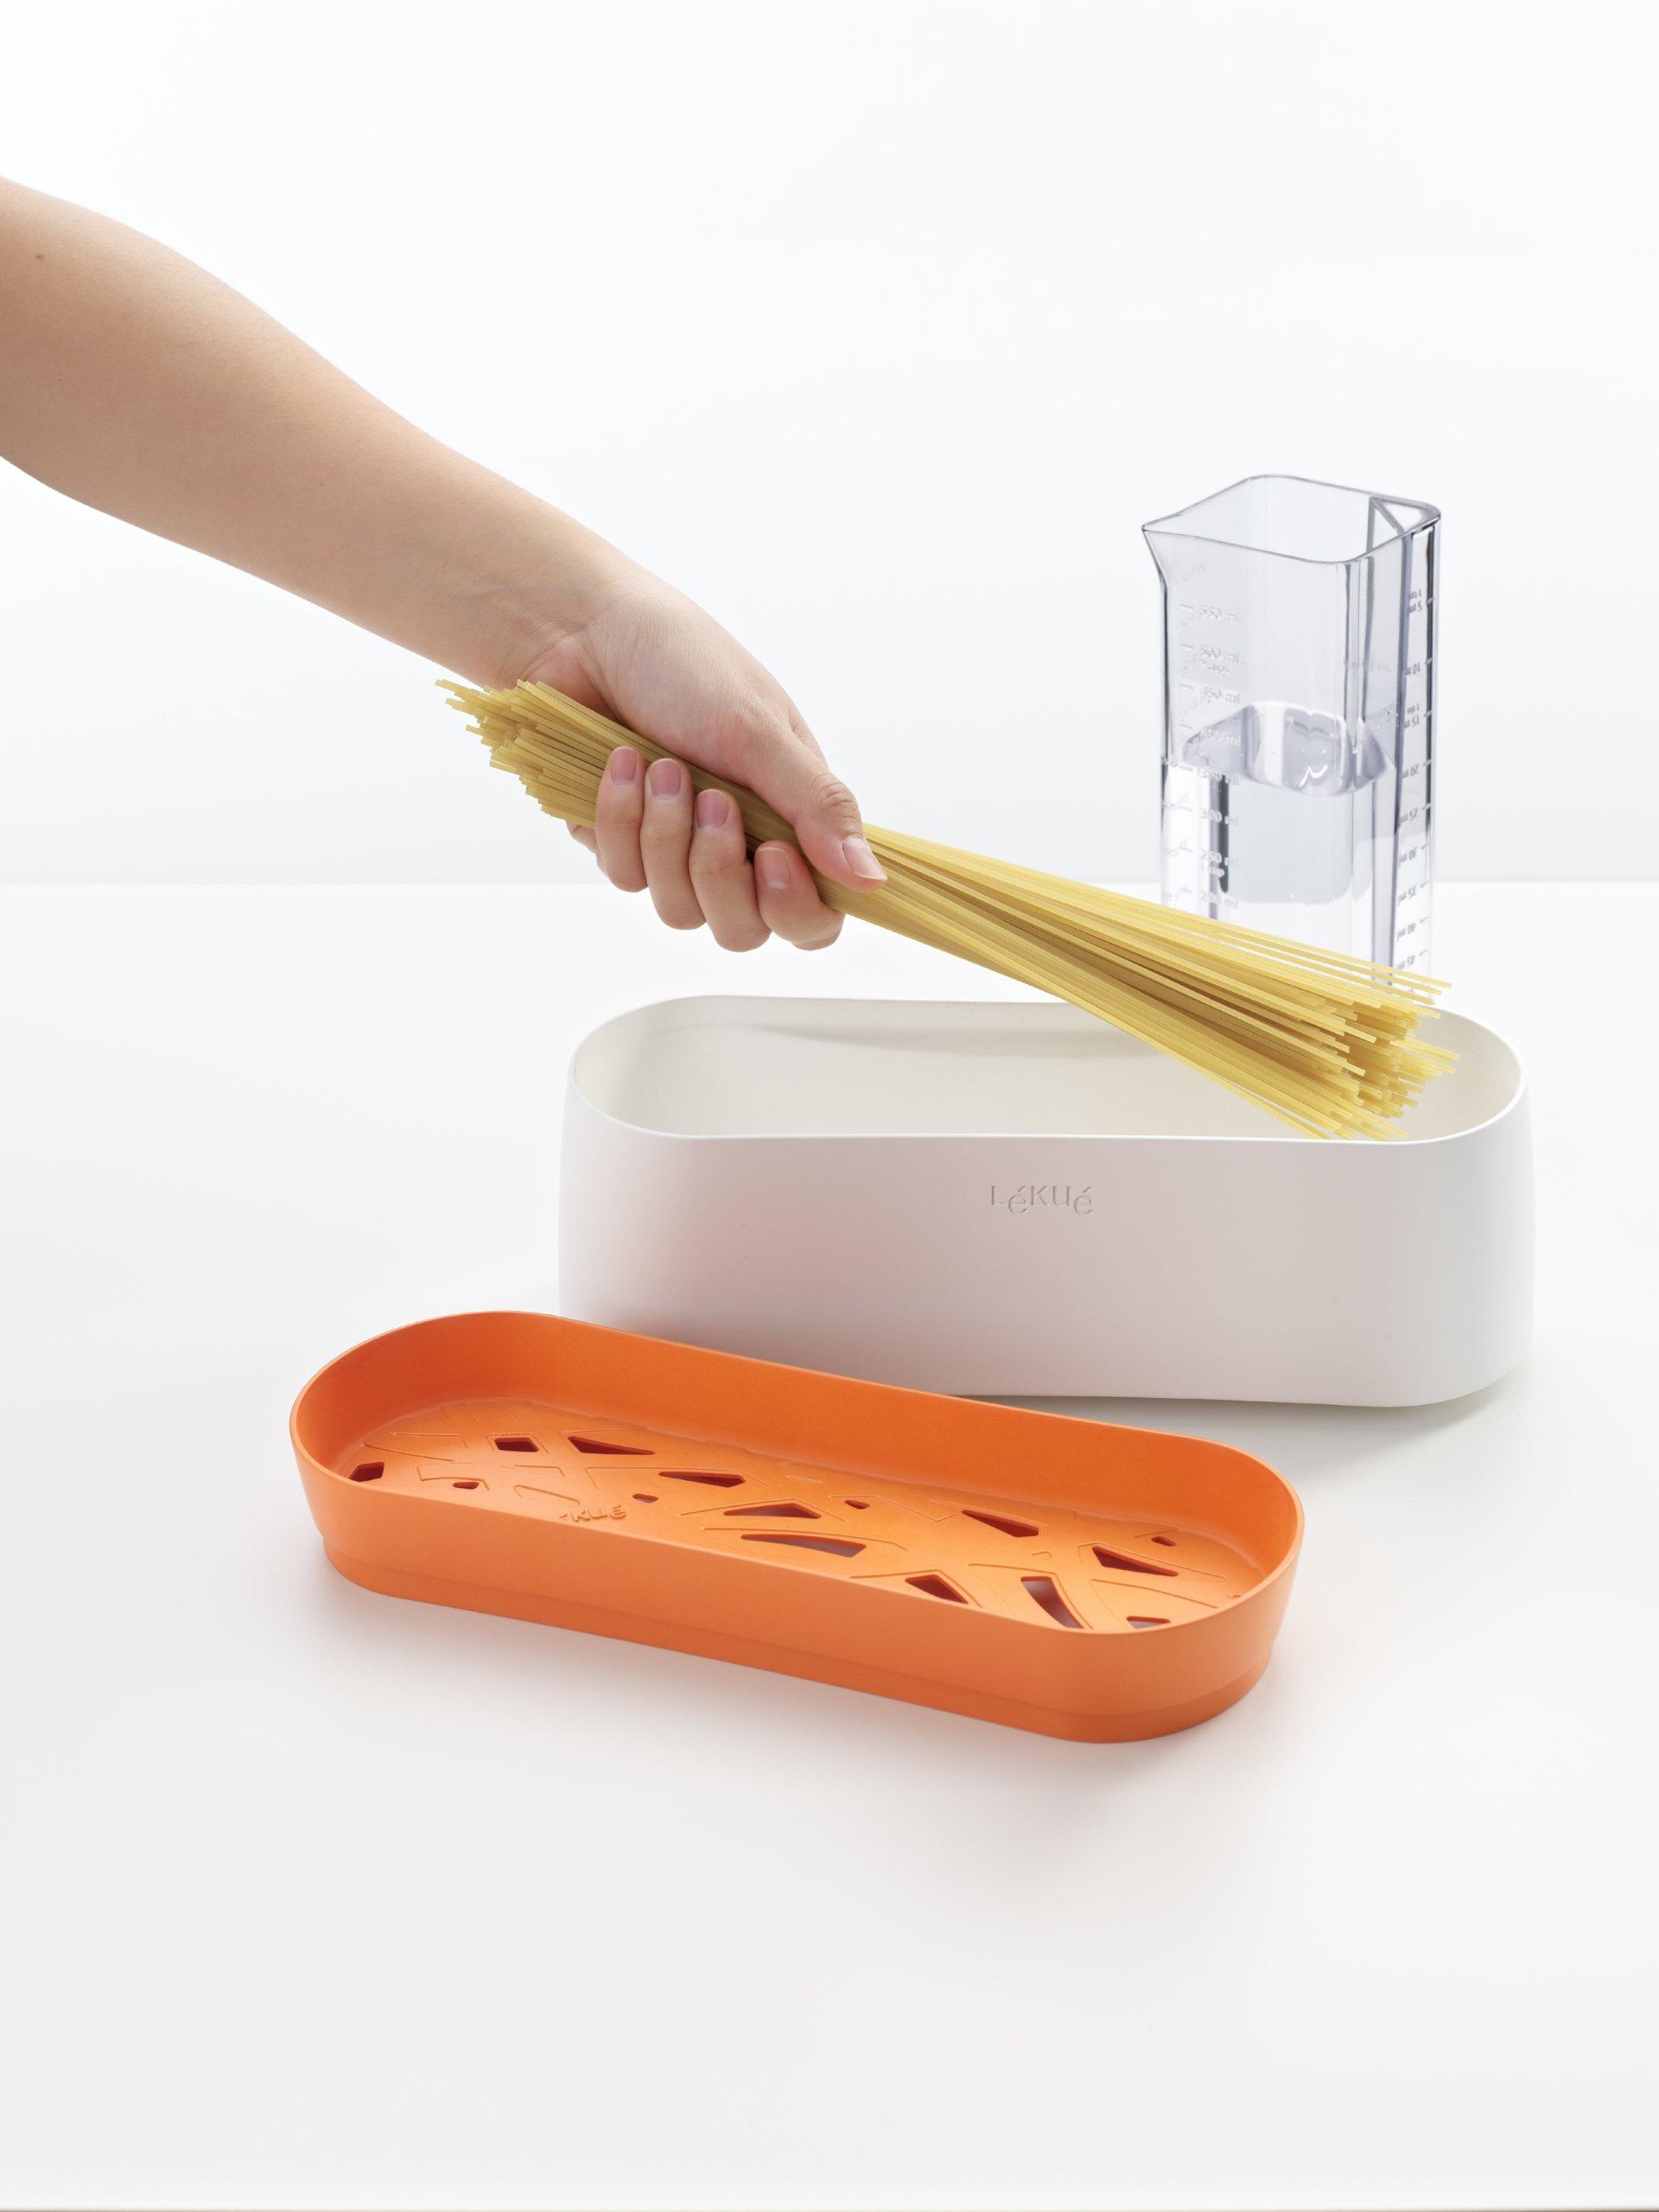 Lekue Pasta Cooker, Model # 0200702N07M017, Orange by Lekue (Image #2)